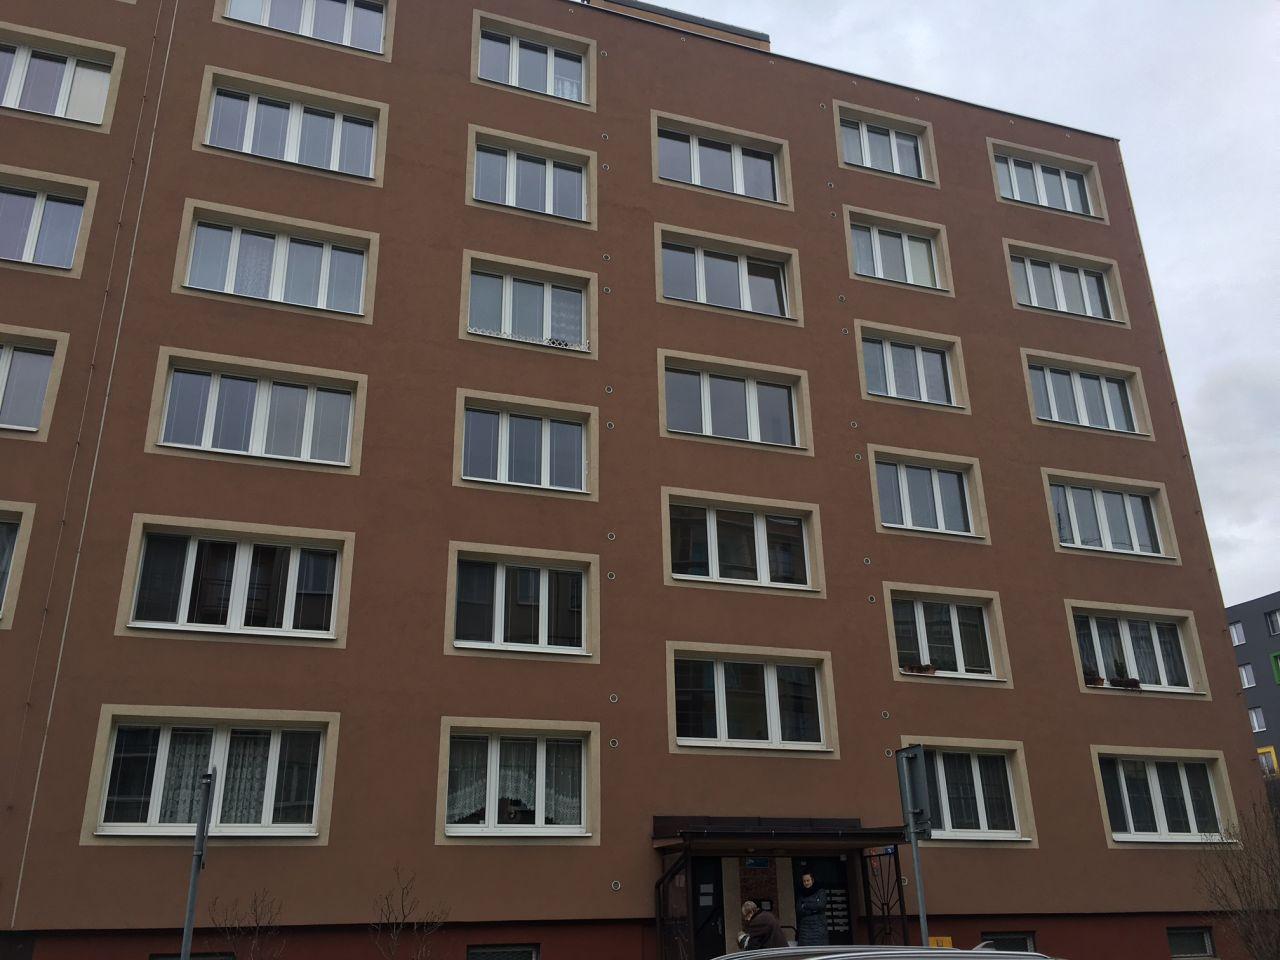 Pronájem bytu 2+1 44 m2, ul. Jaroslava Misky 66/3, Ostrava - Dubina